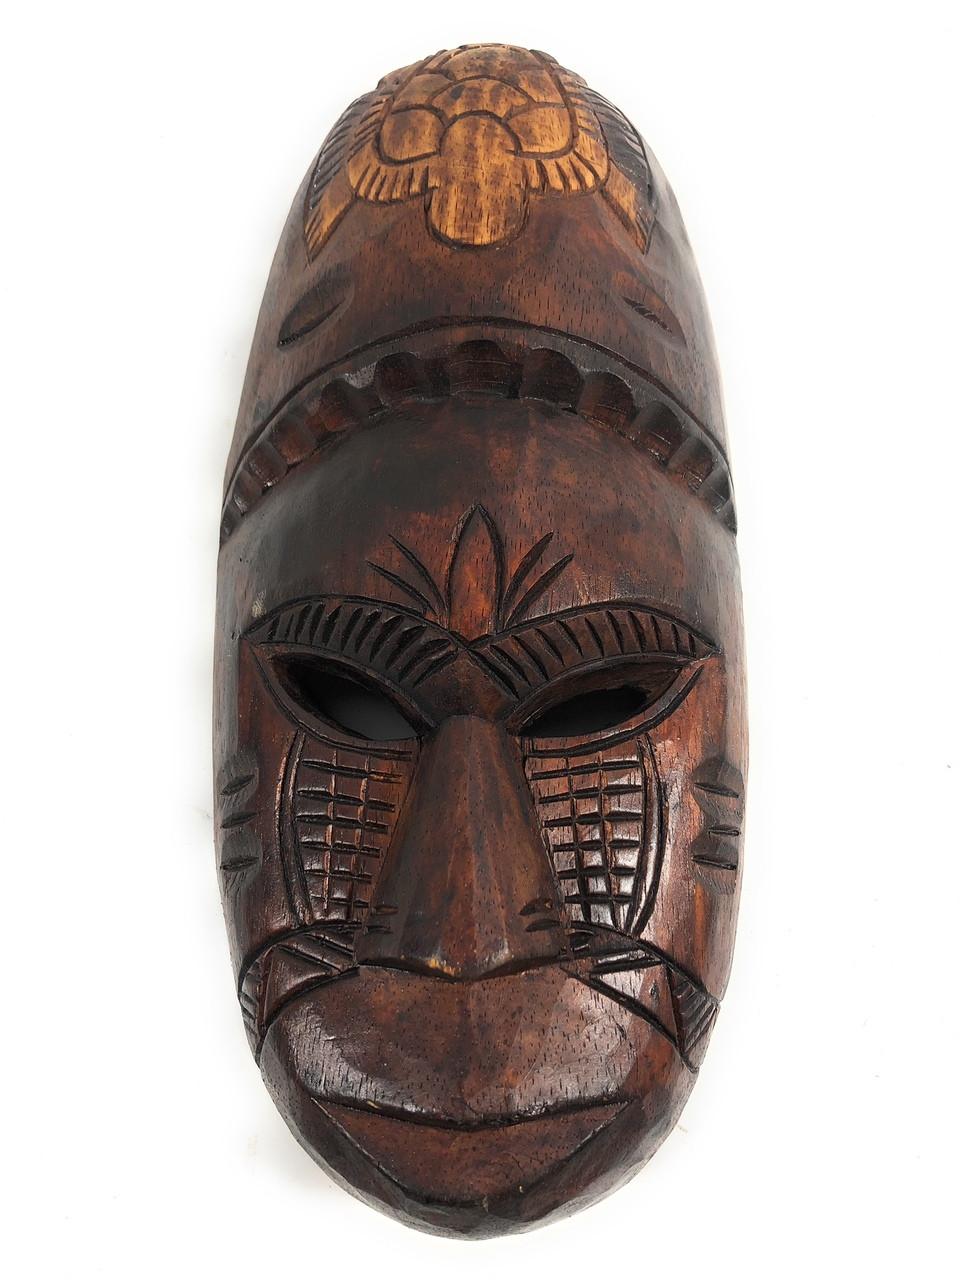 fijian tiki mask 12 meaning of love oceanic art mdr1901230